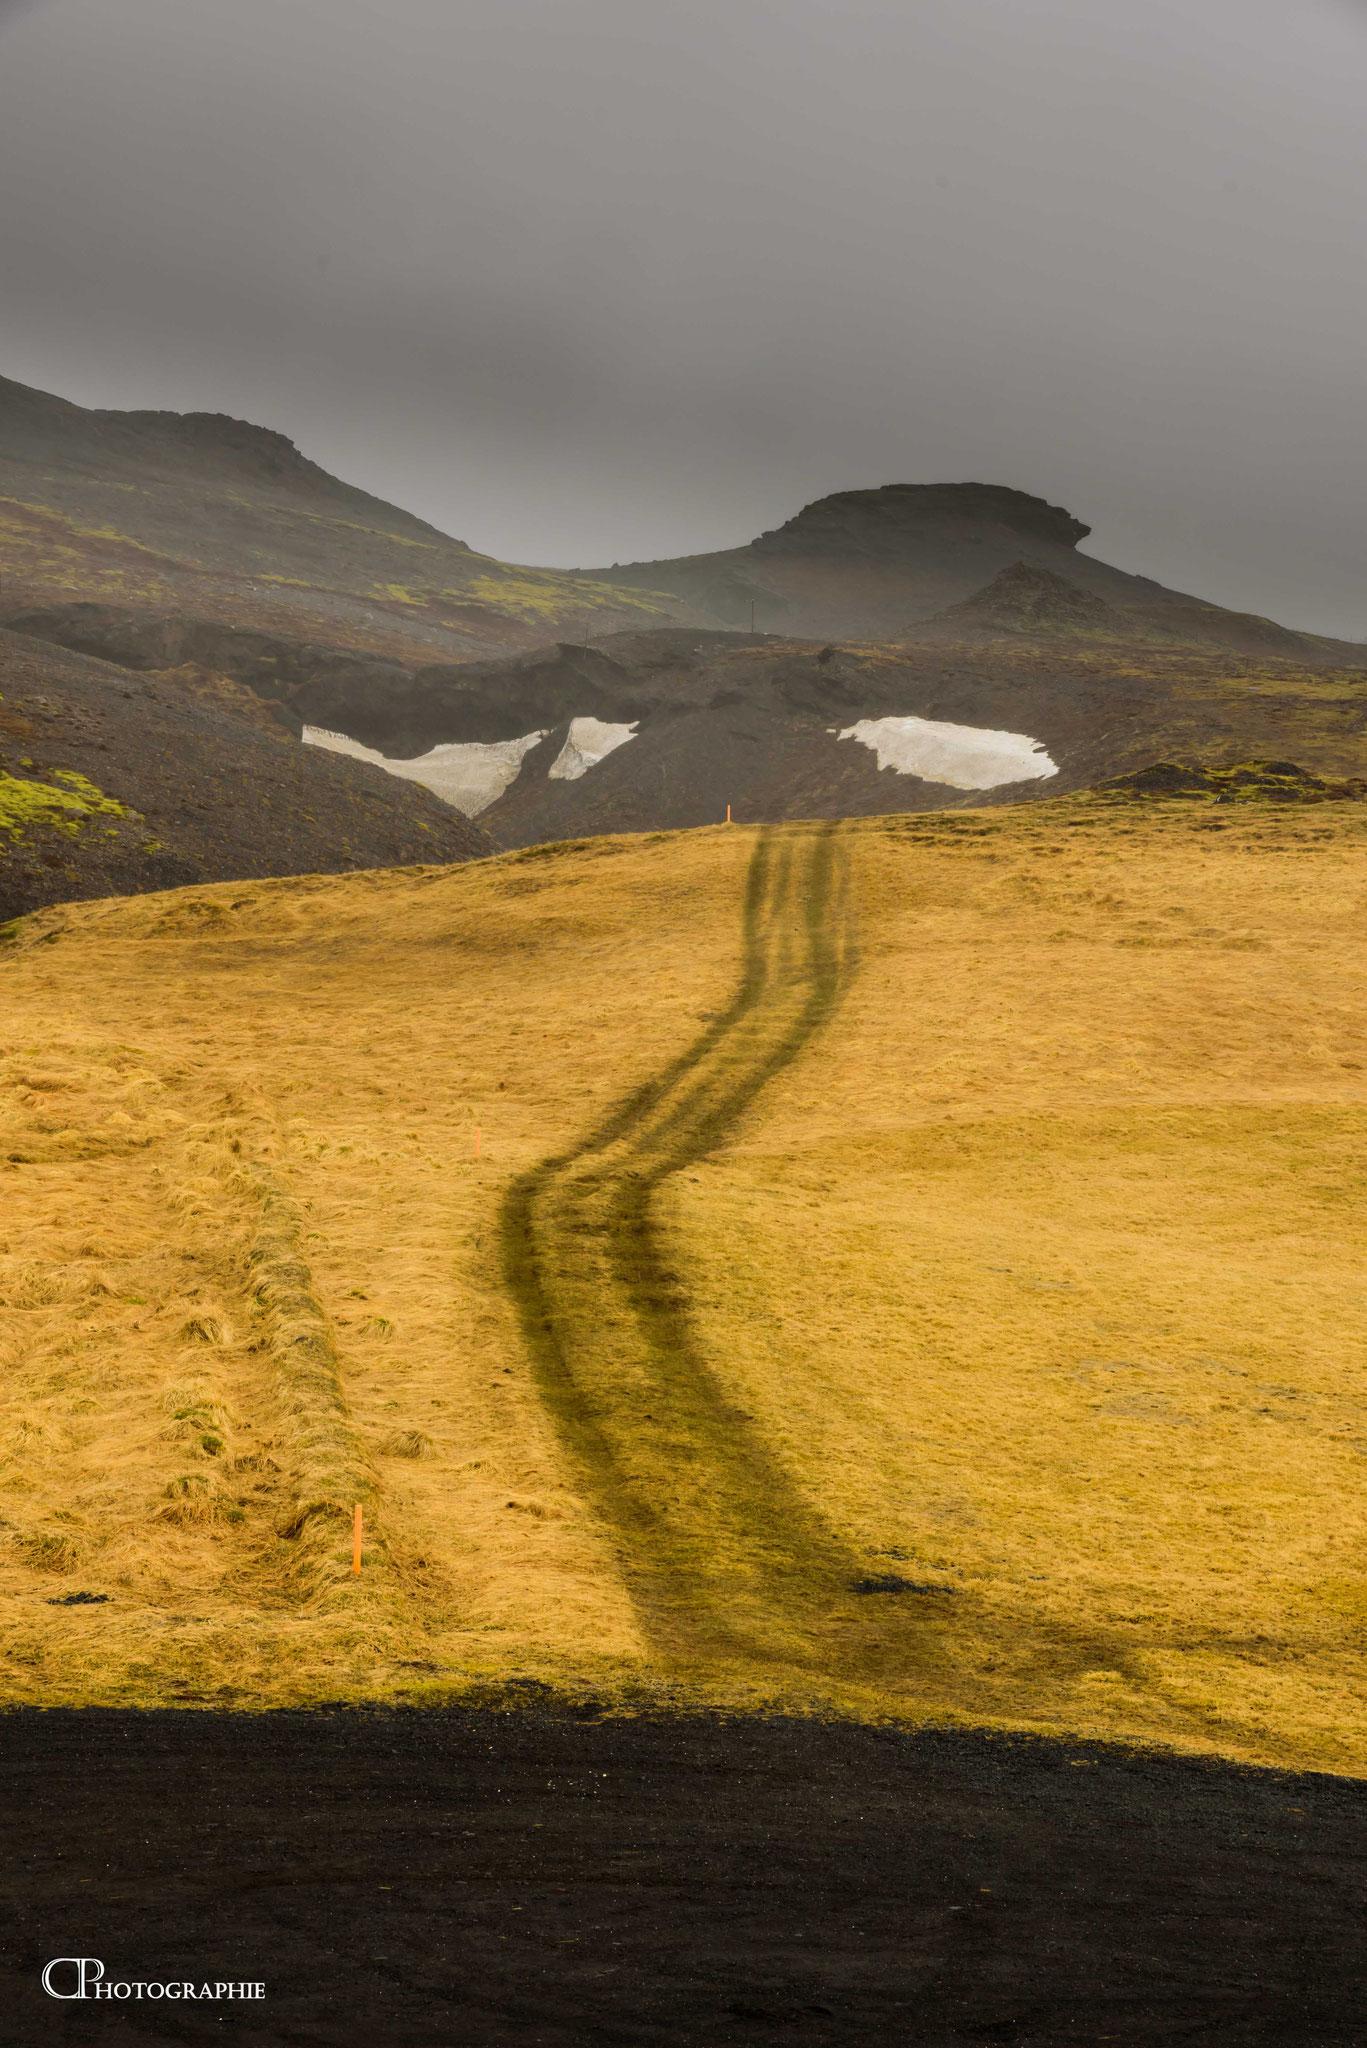 Photo 4 - Le chemin vers nulle part